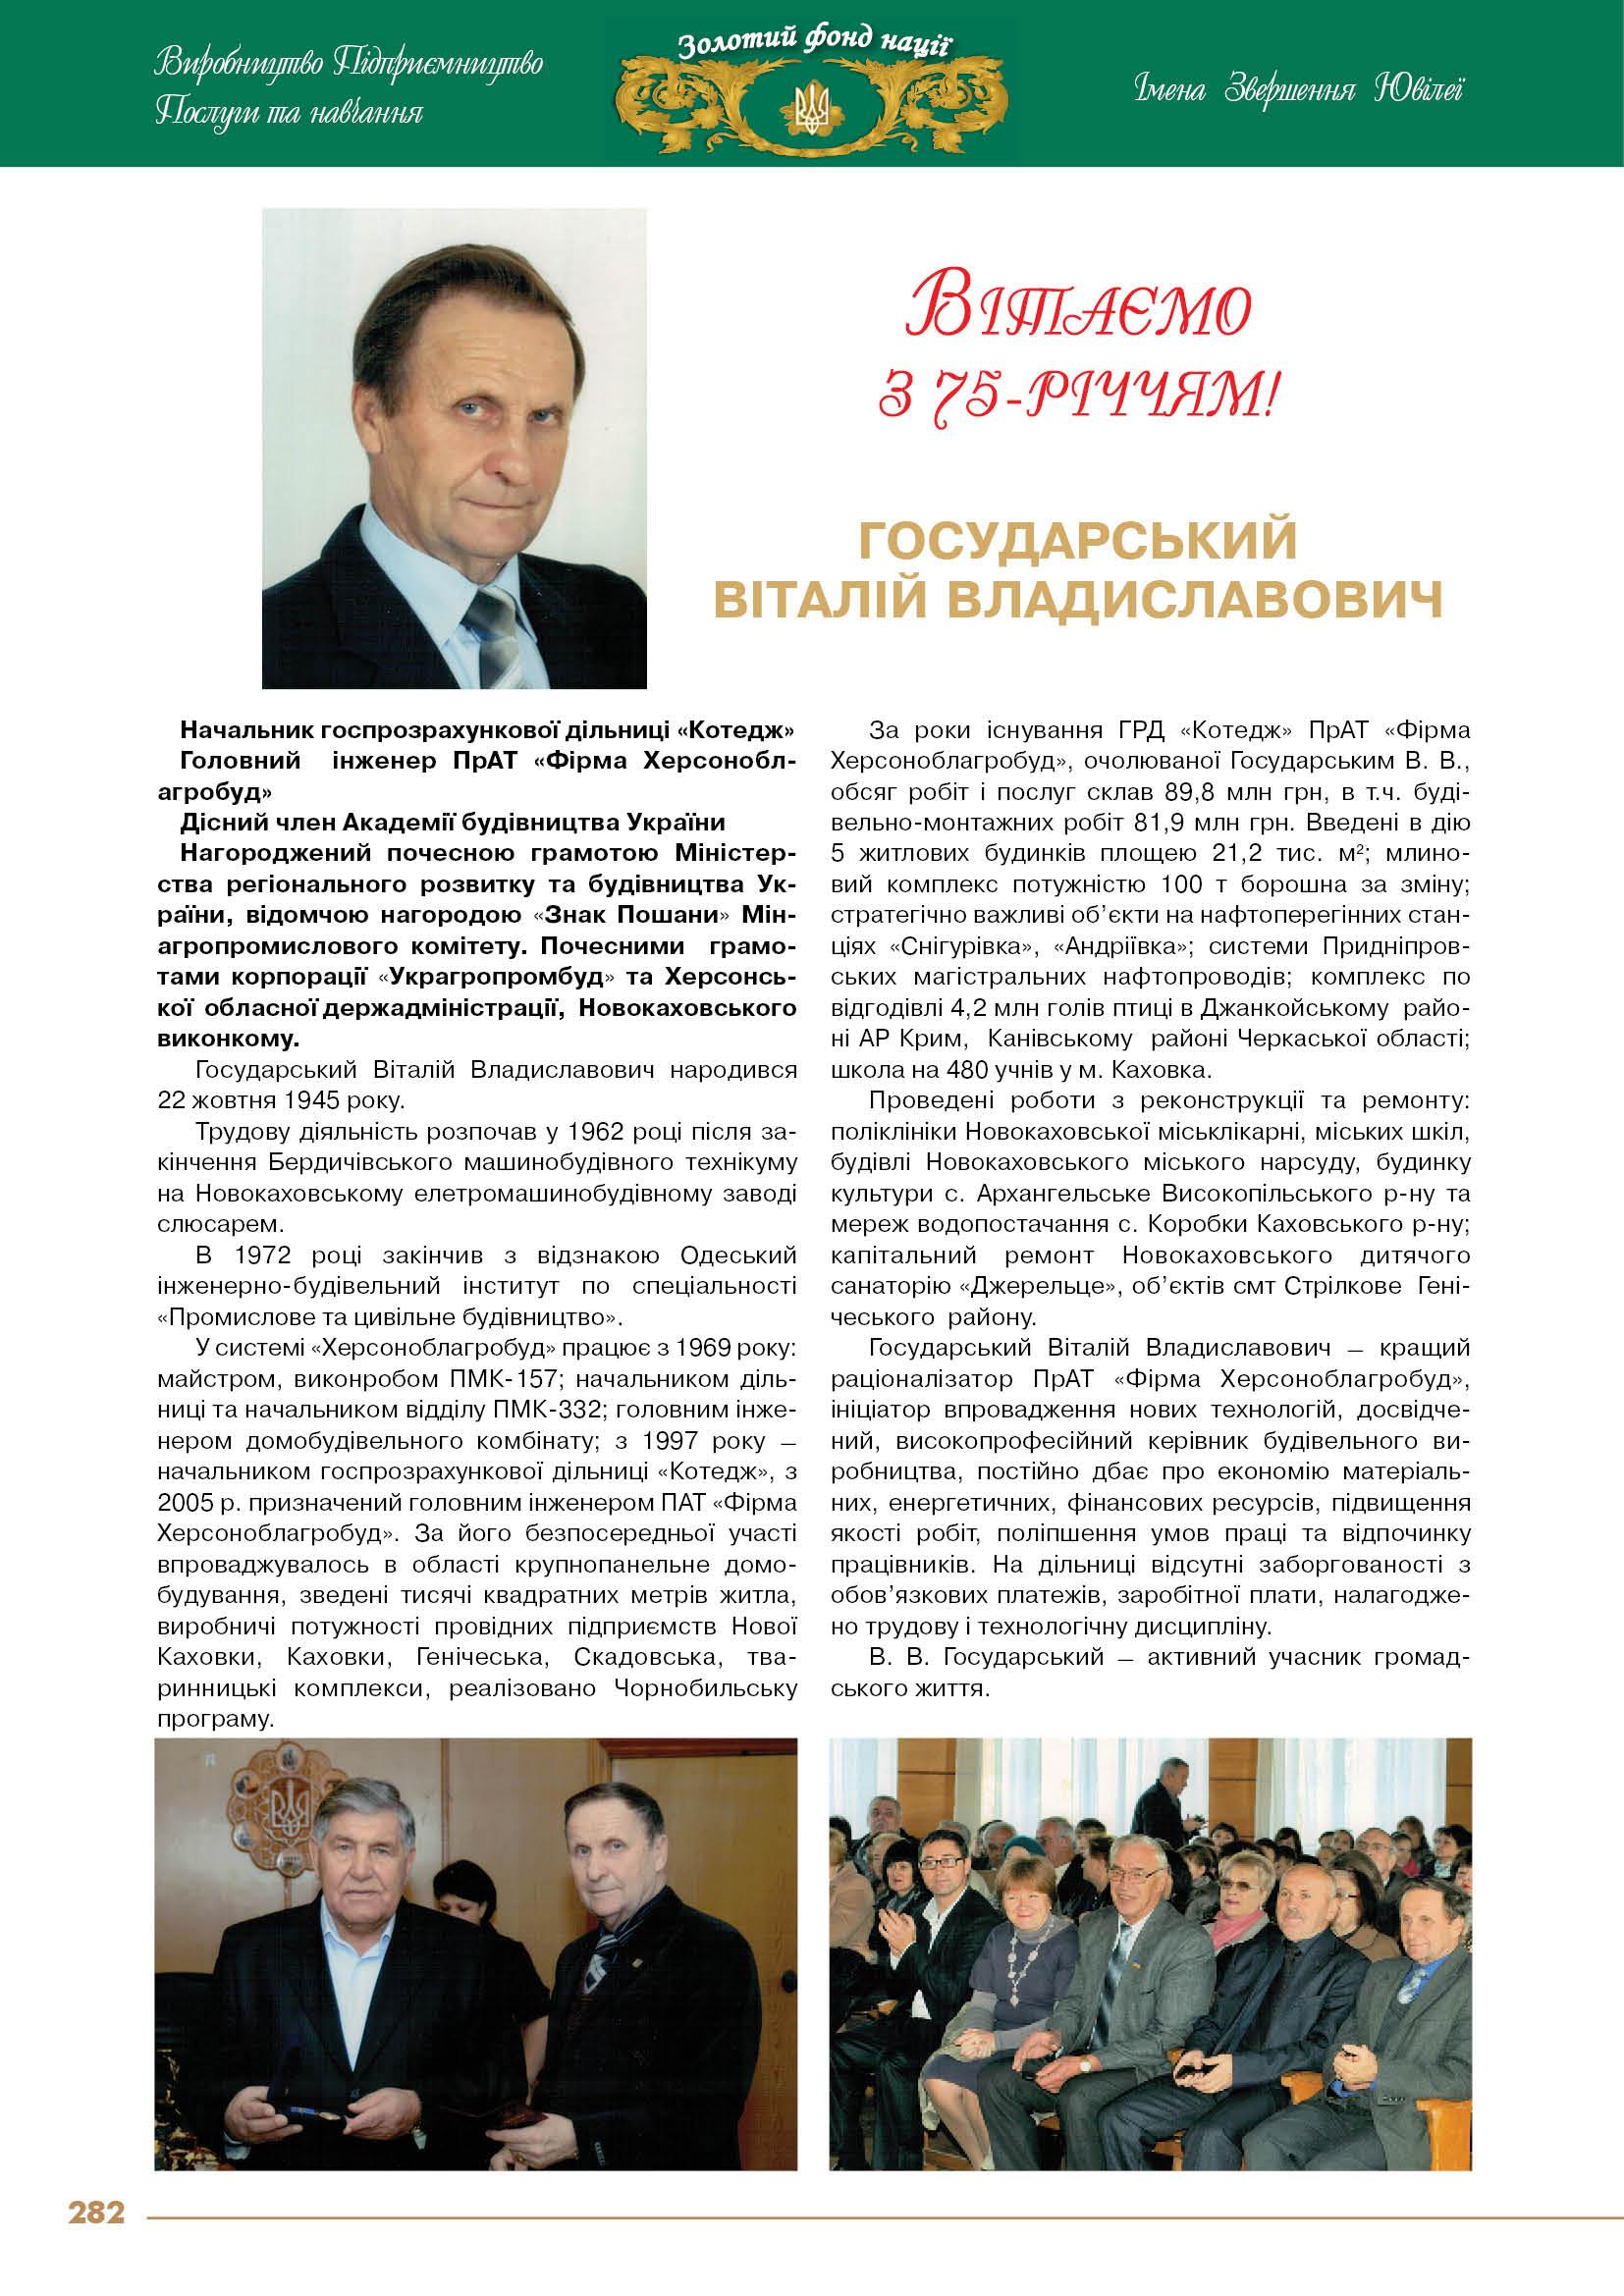 Государський Віталій Владиславович